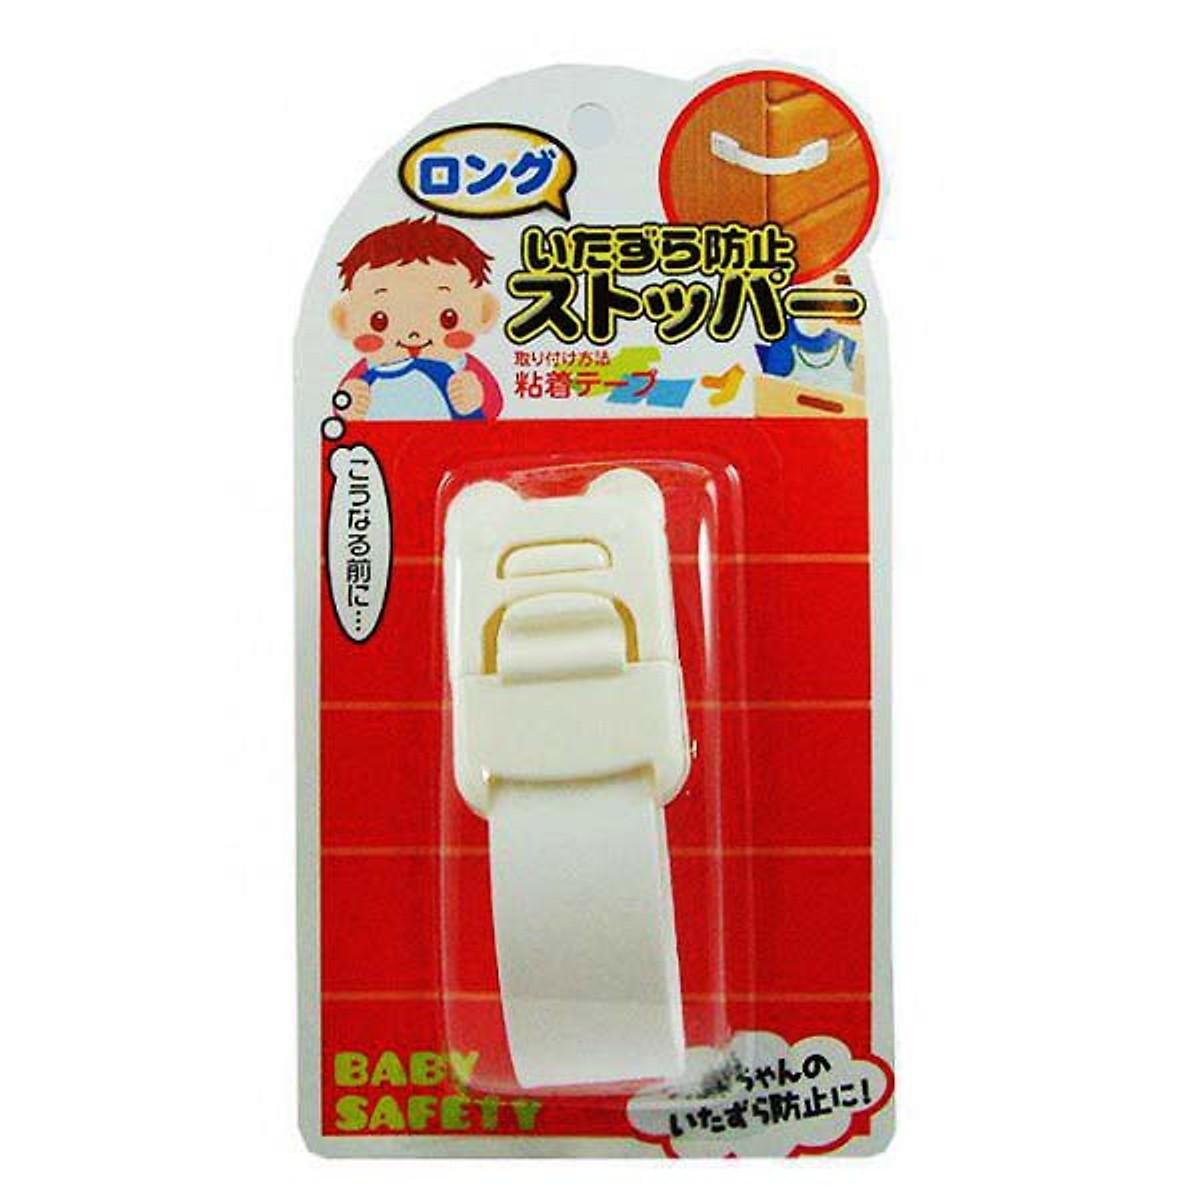 [Đồng Giá 33k] Khóa Ngăn Kéo, Tủ Lạnh Trẻ Em (mẫu Mới) - Nội địa Nhật Bản Giá Sốc Nên Mua